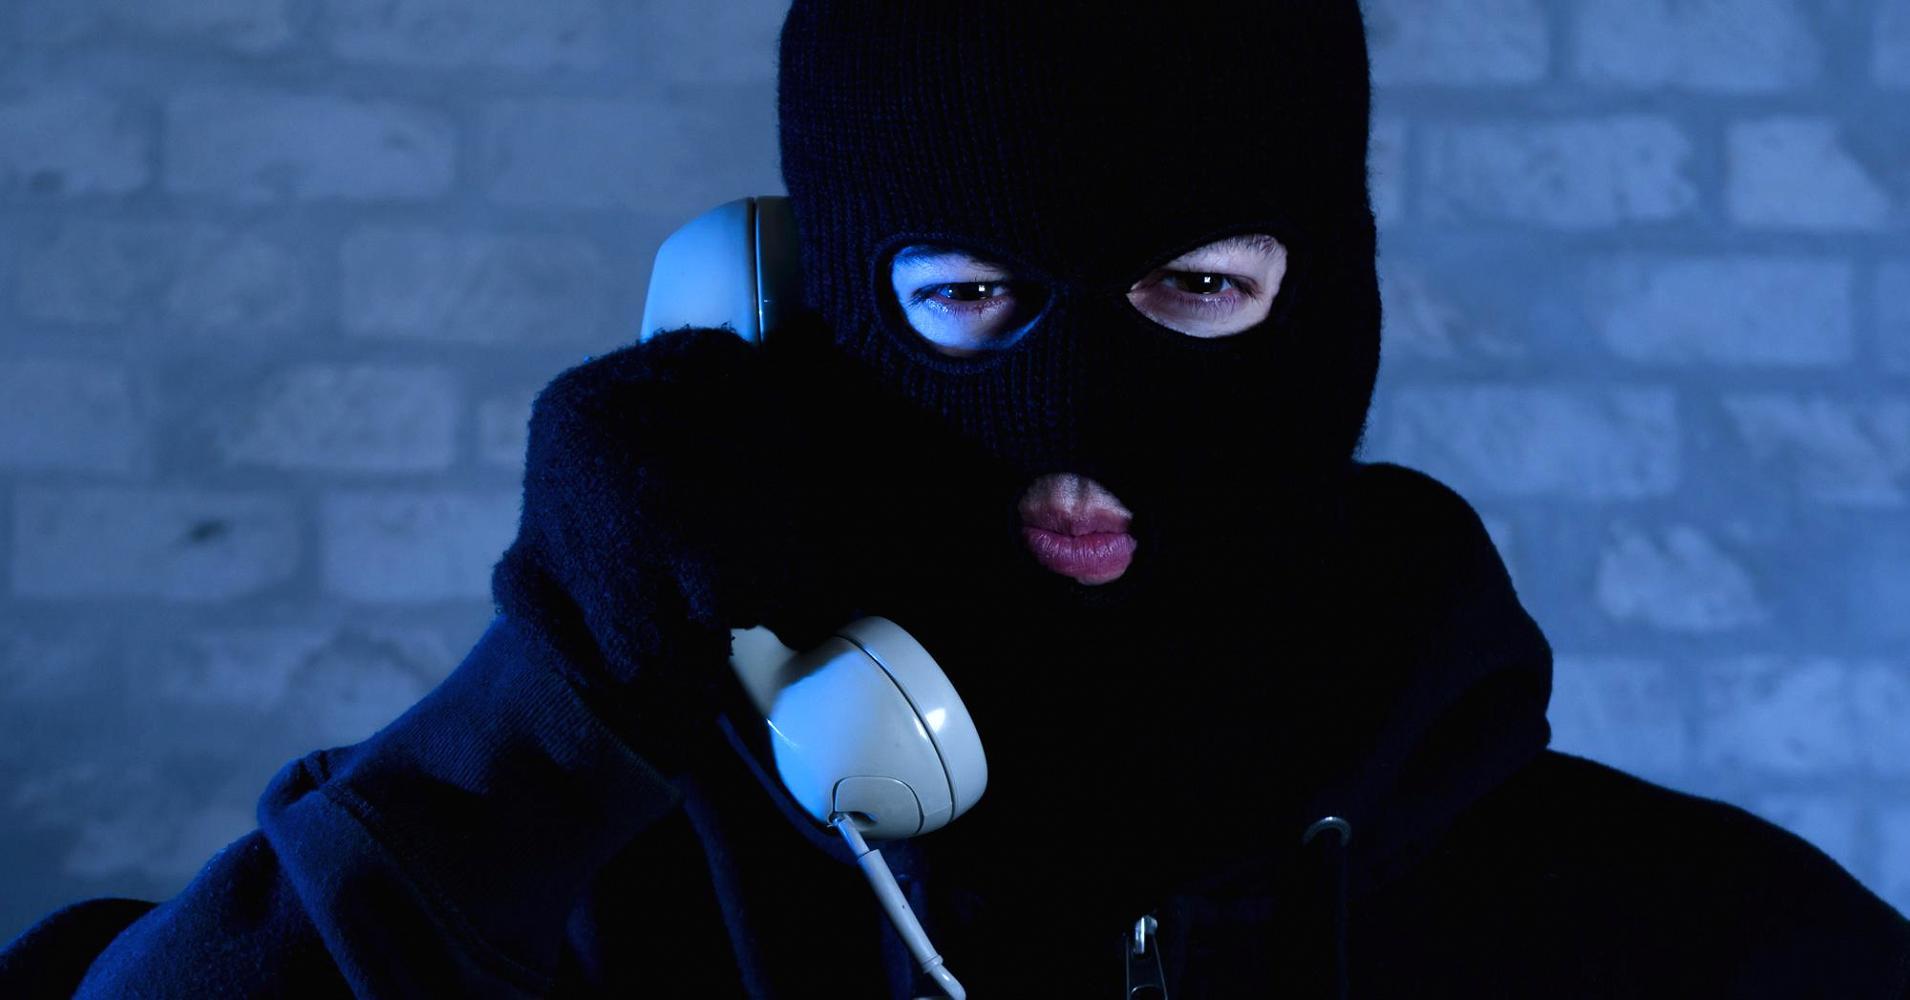 В днешния ден са засечени около 15-20 опита за телефонни измами на територията на региона